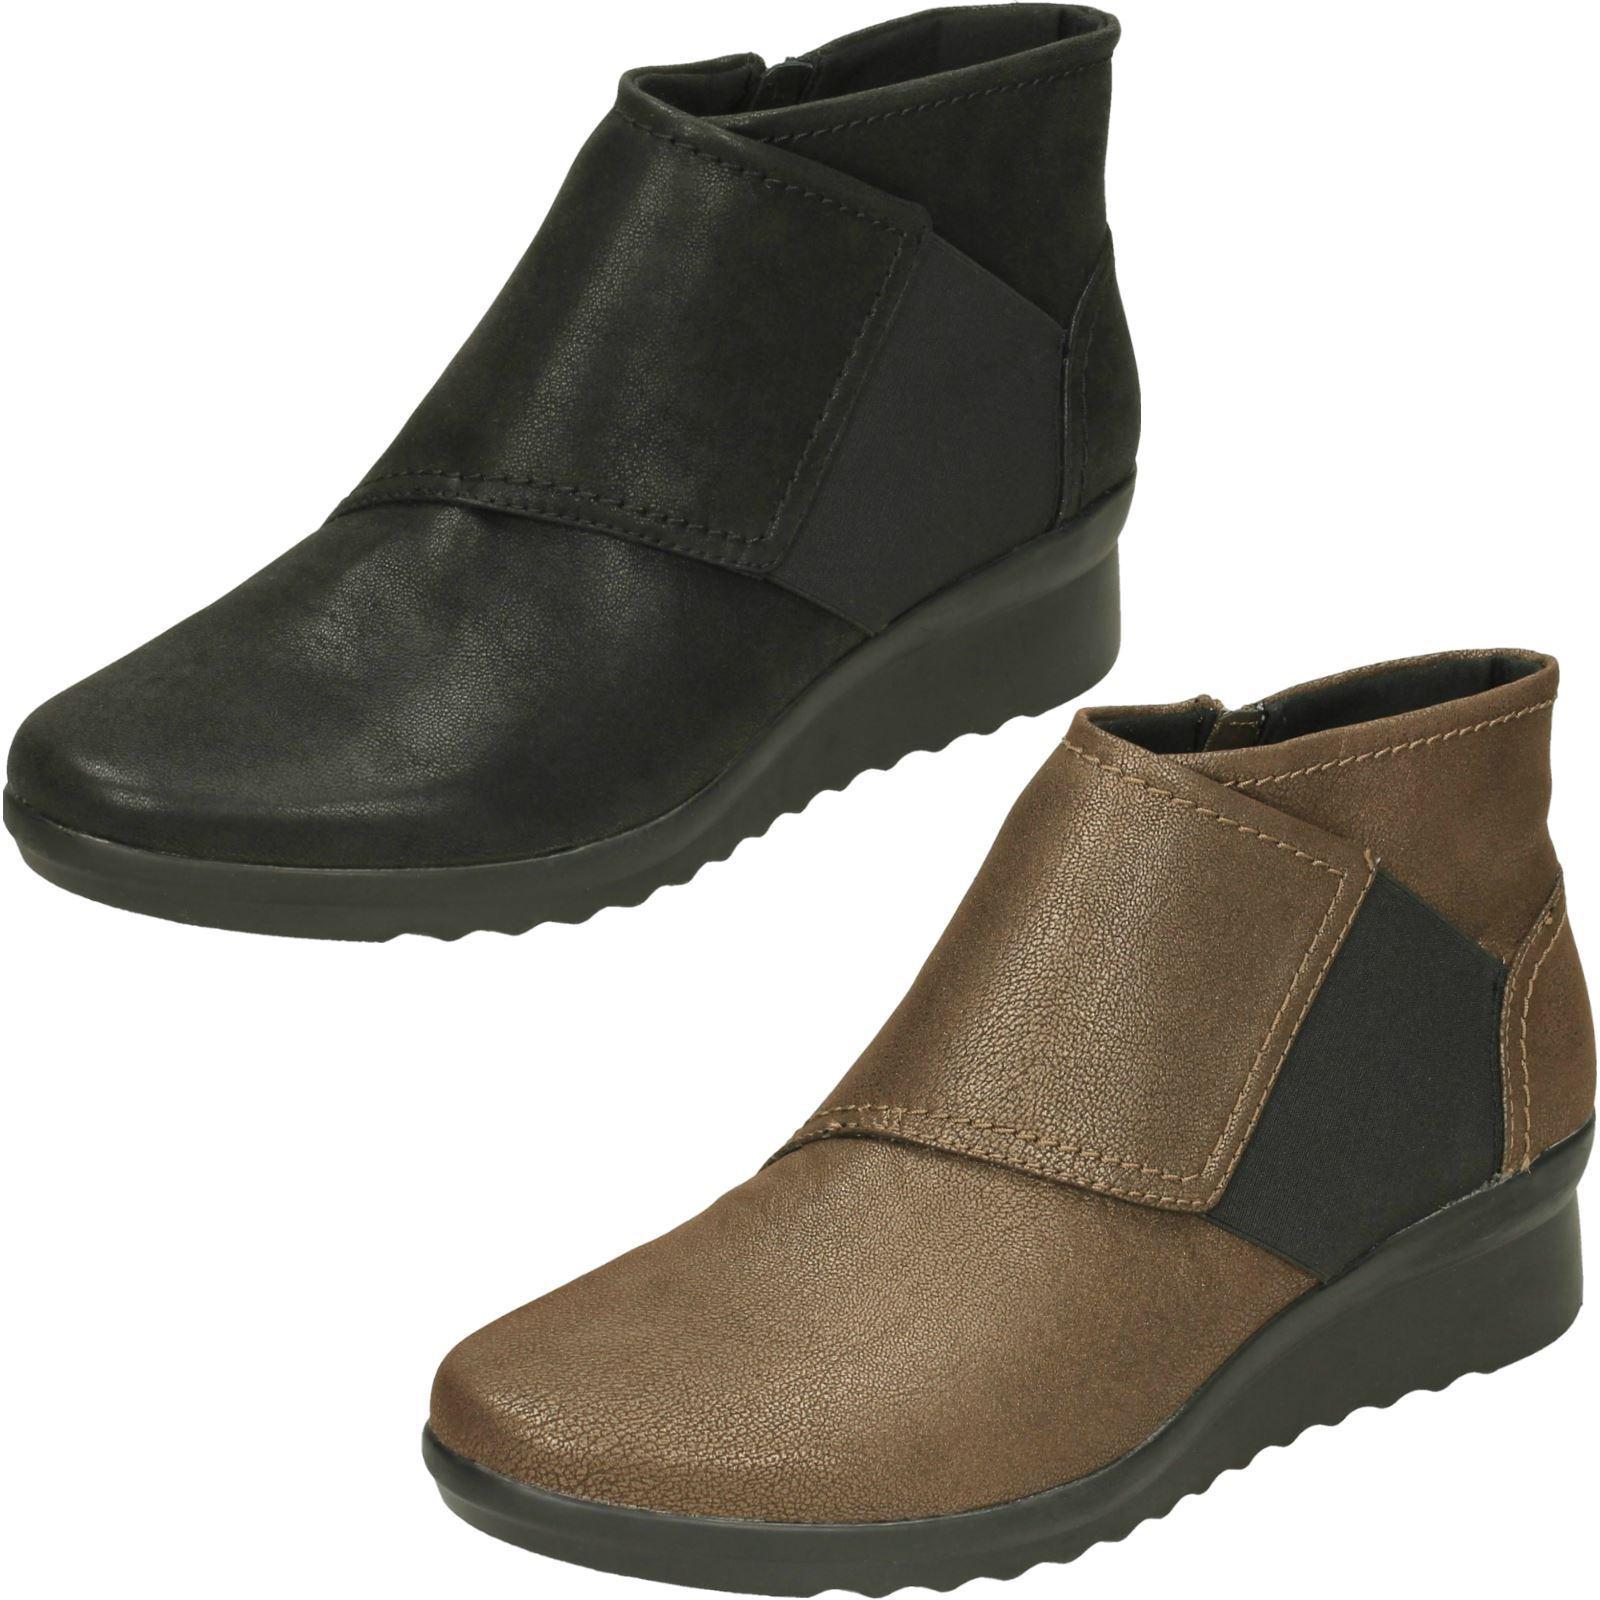 Damas Clarks botas al Tobillo  Caddell Rush     diseños exclusivos